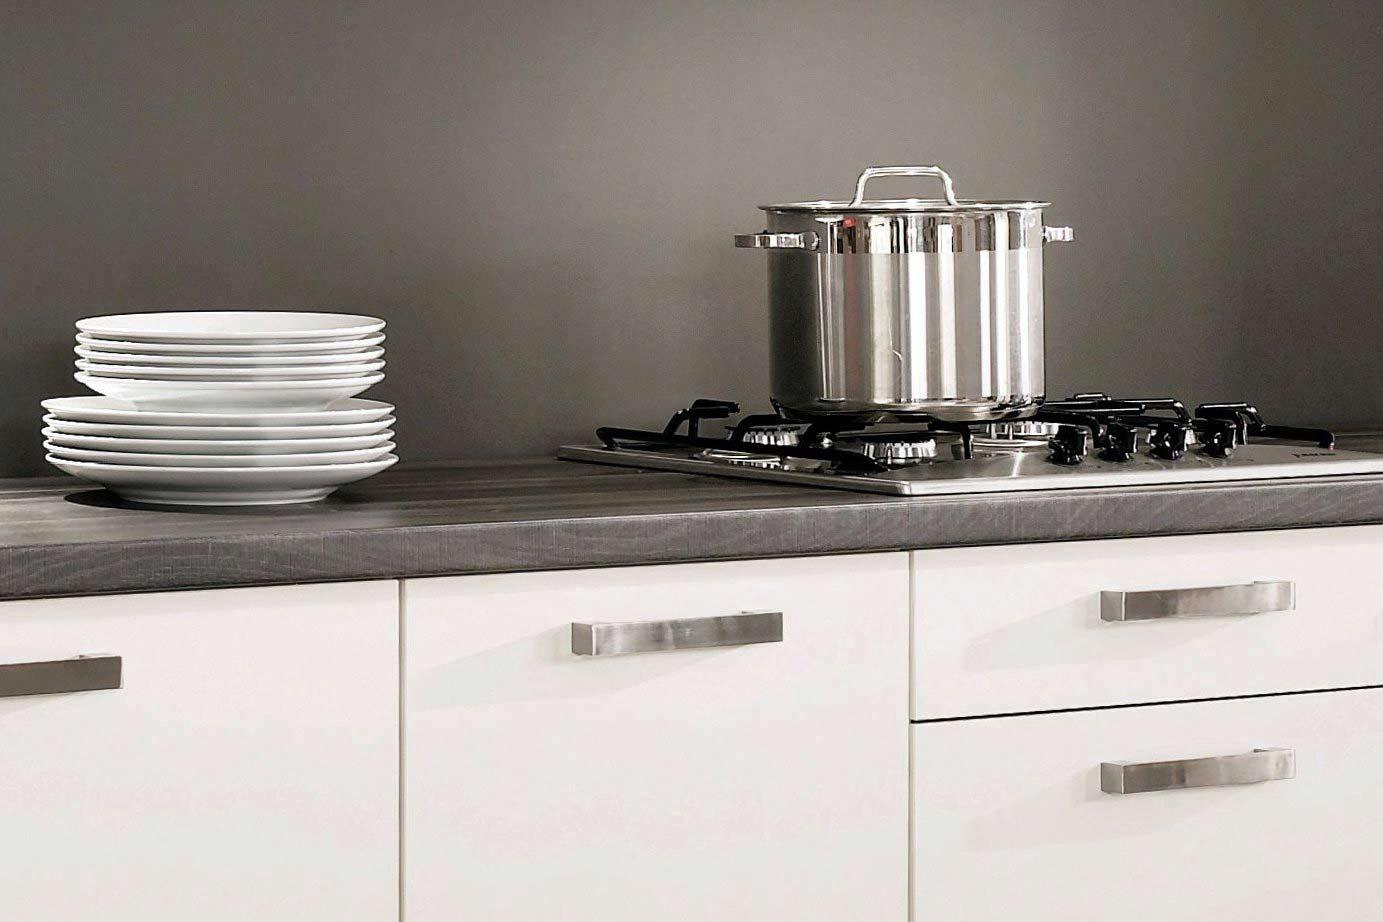 Goedkope Keukens In Kleine Ruimte : Goedkope keukens in kleine ruimte